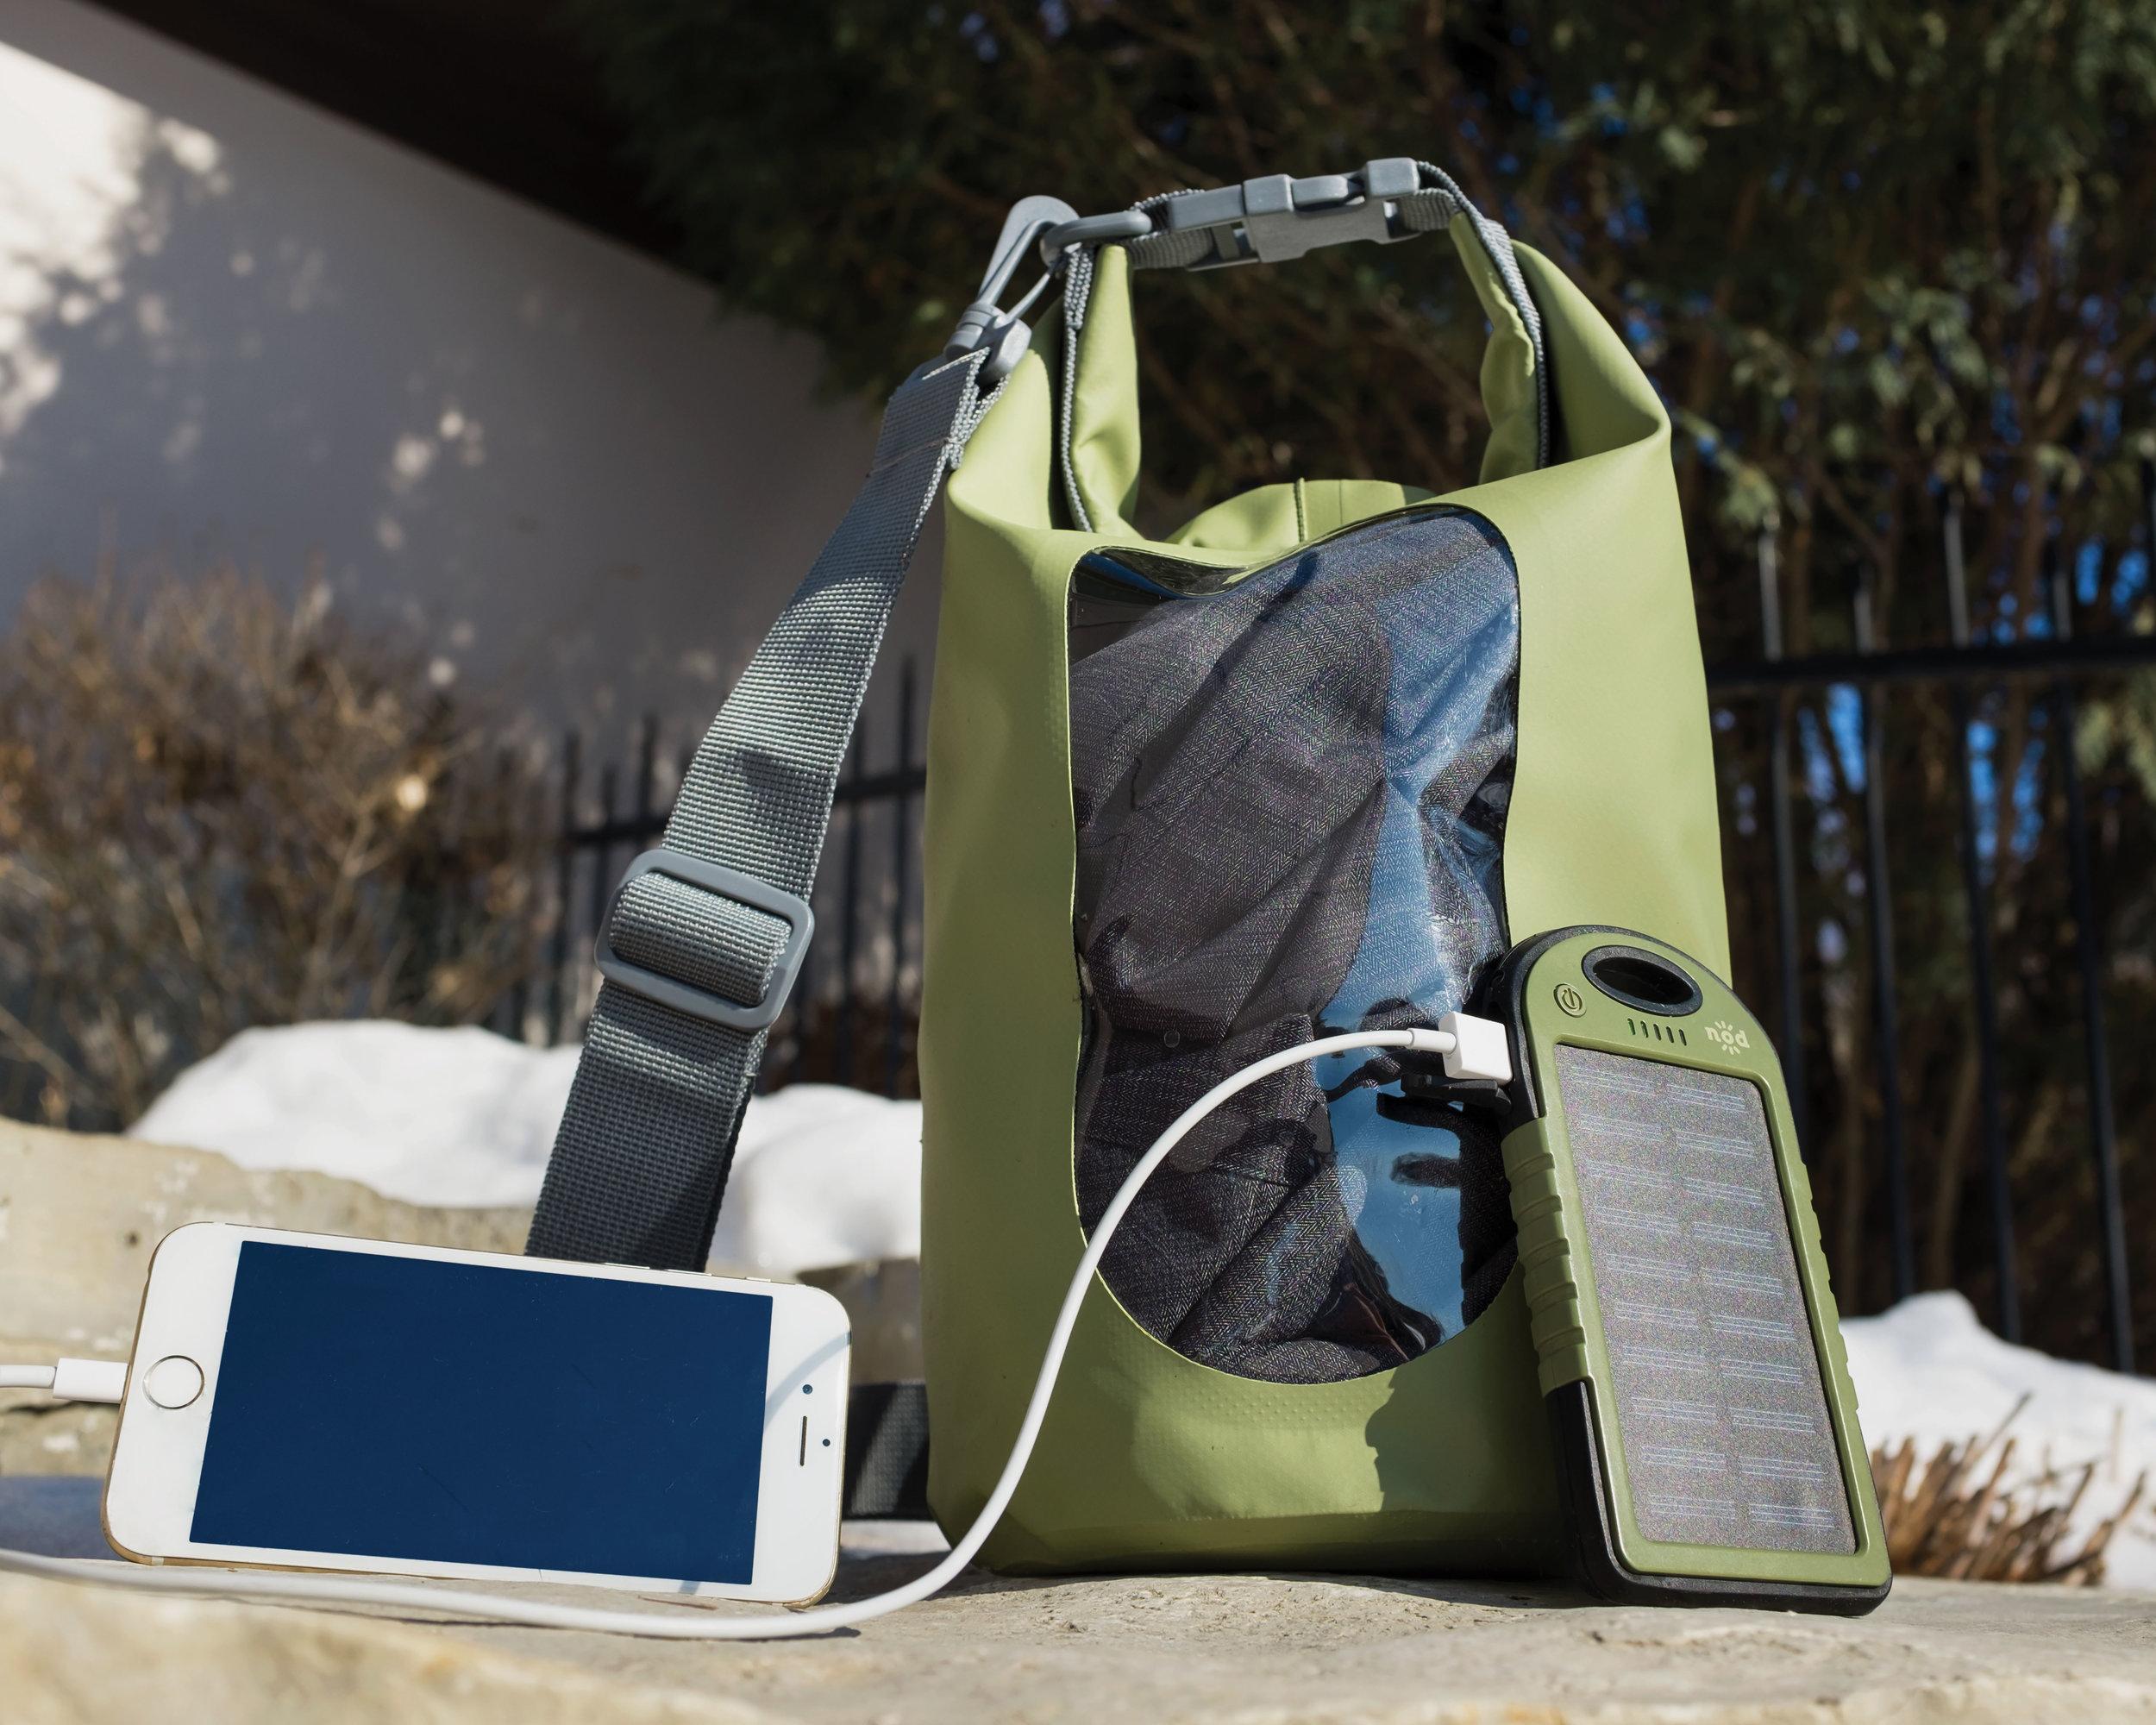 AG-dry-bag-beam-bank-iphone.jpg